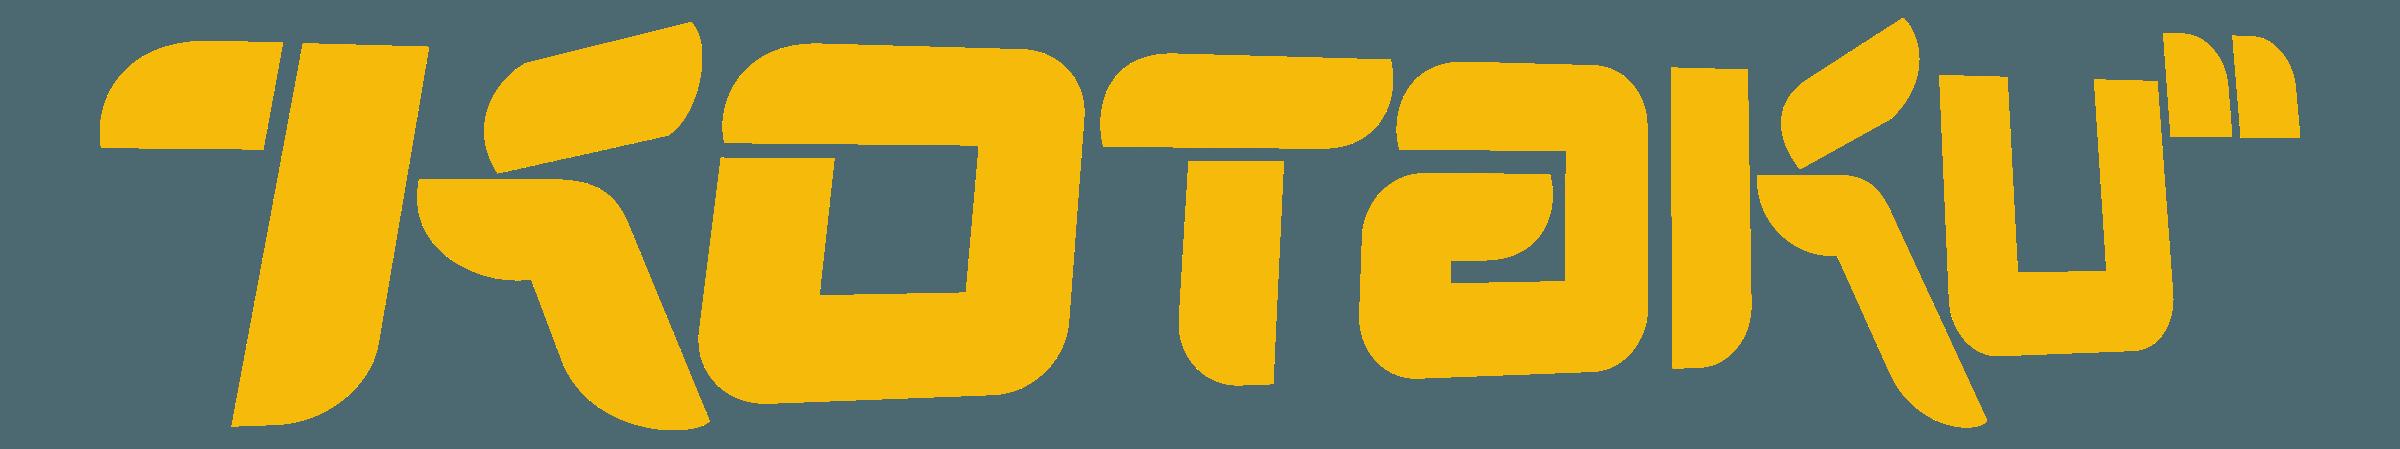 kotaku-logo-transparent.png